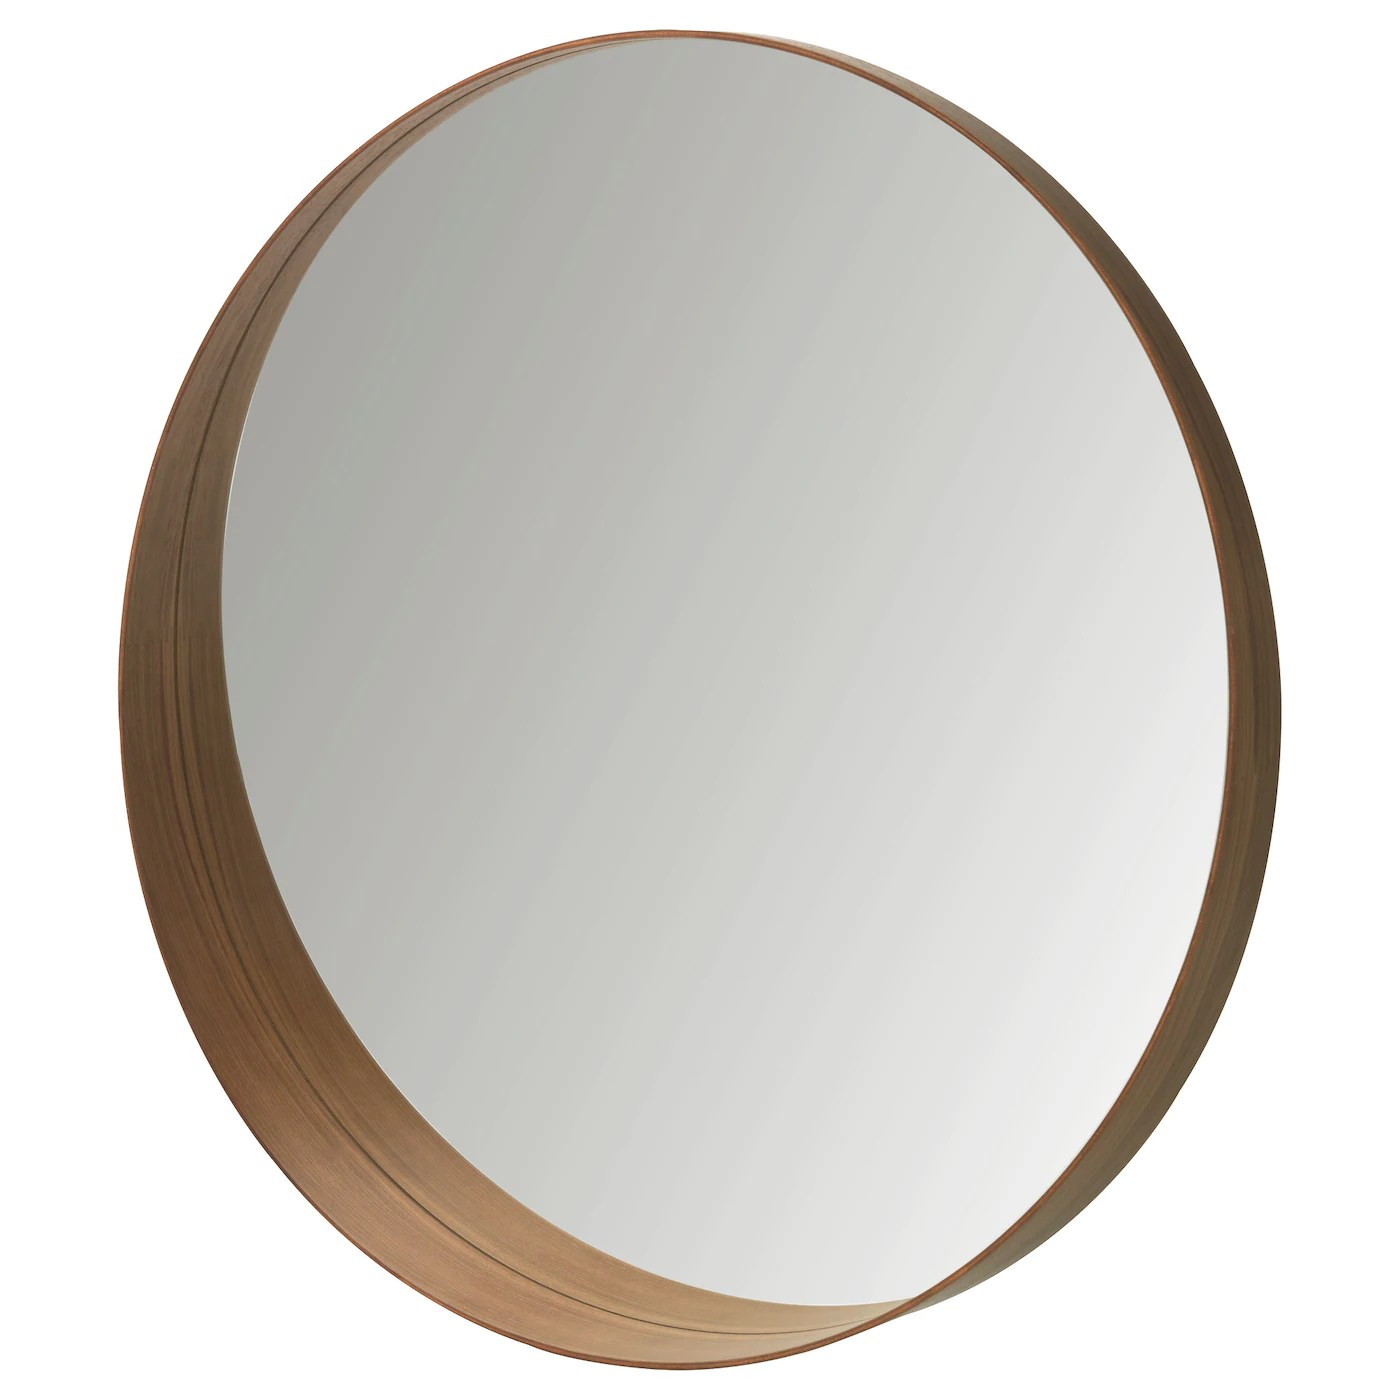 Stockholm Miroir Plaque Noyer 80 Cm Ikea